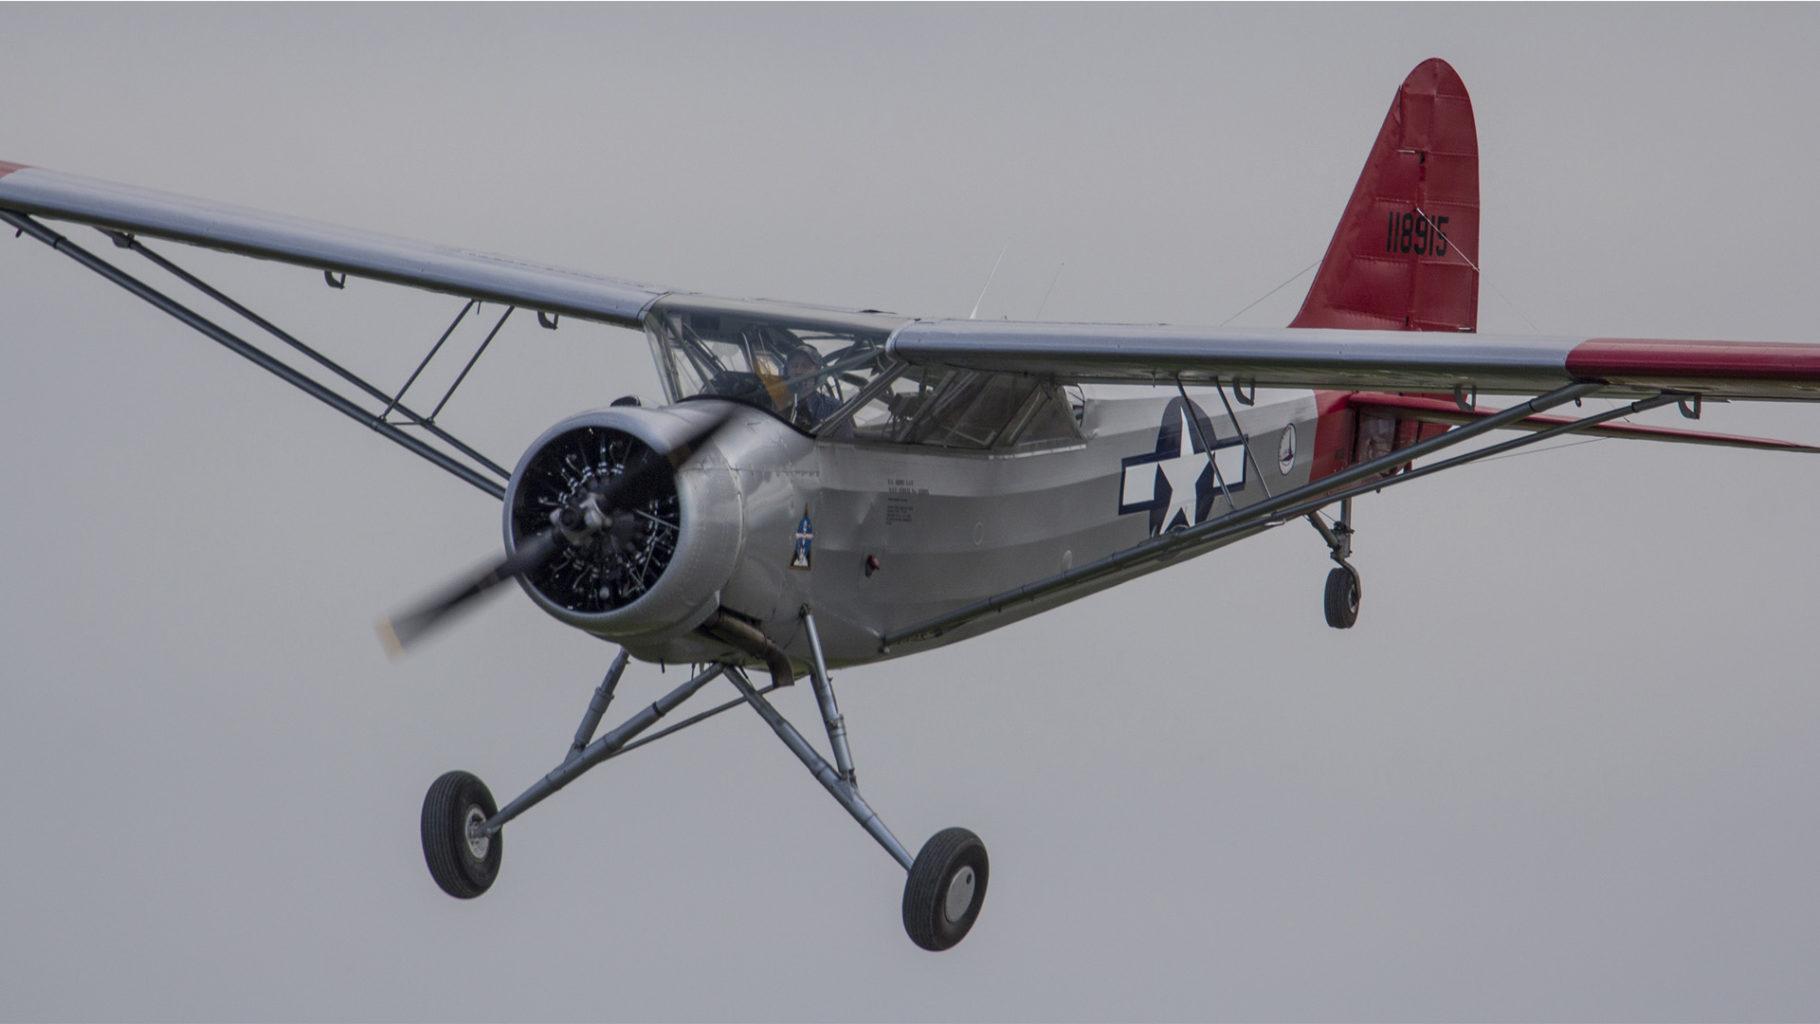 Becoming an Aircraft Photographer - Aircraft Portraits | Alaskafoto